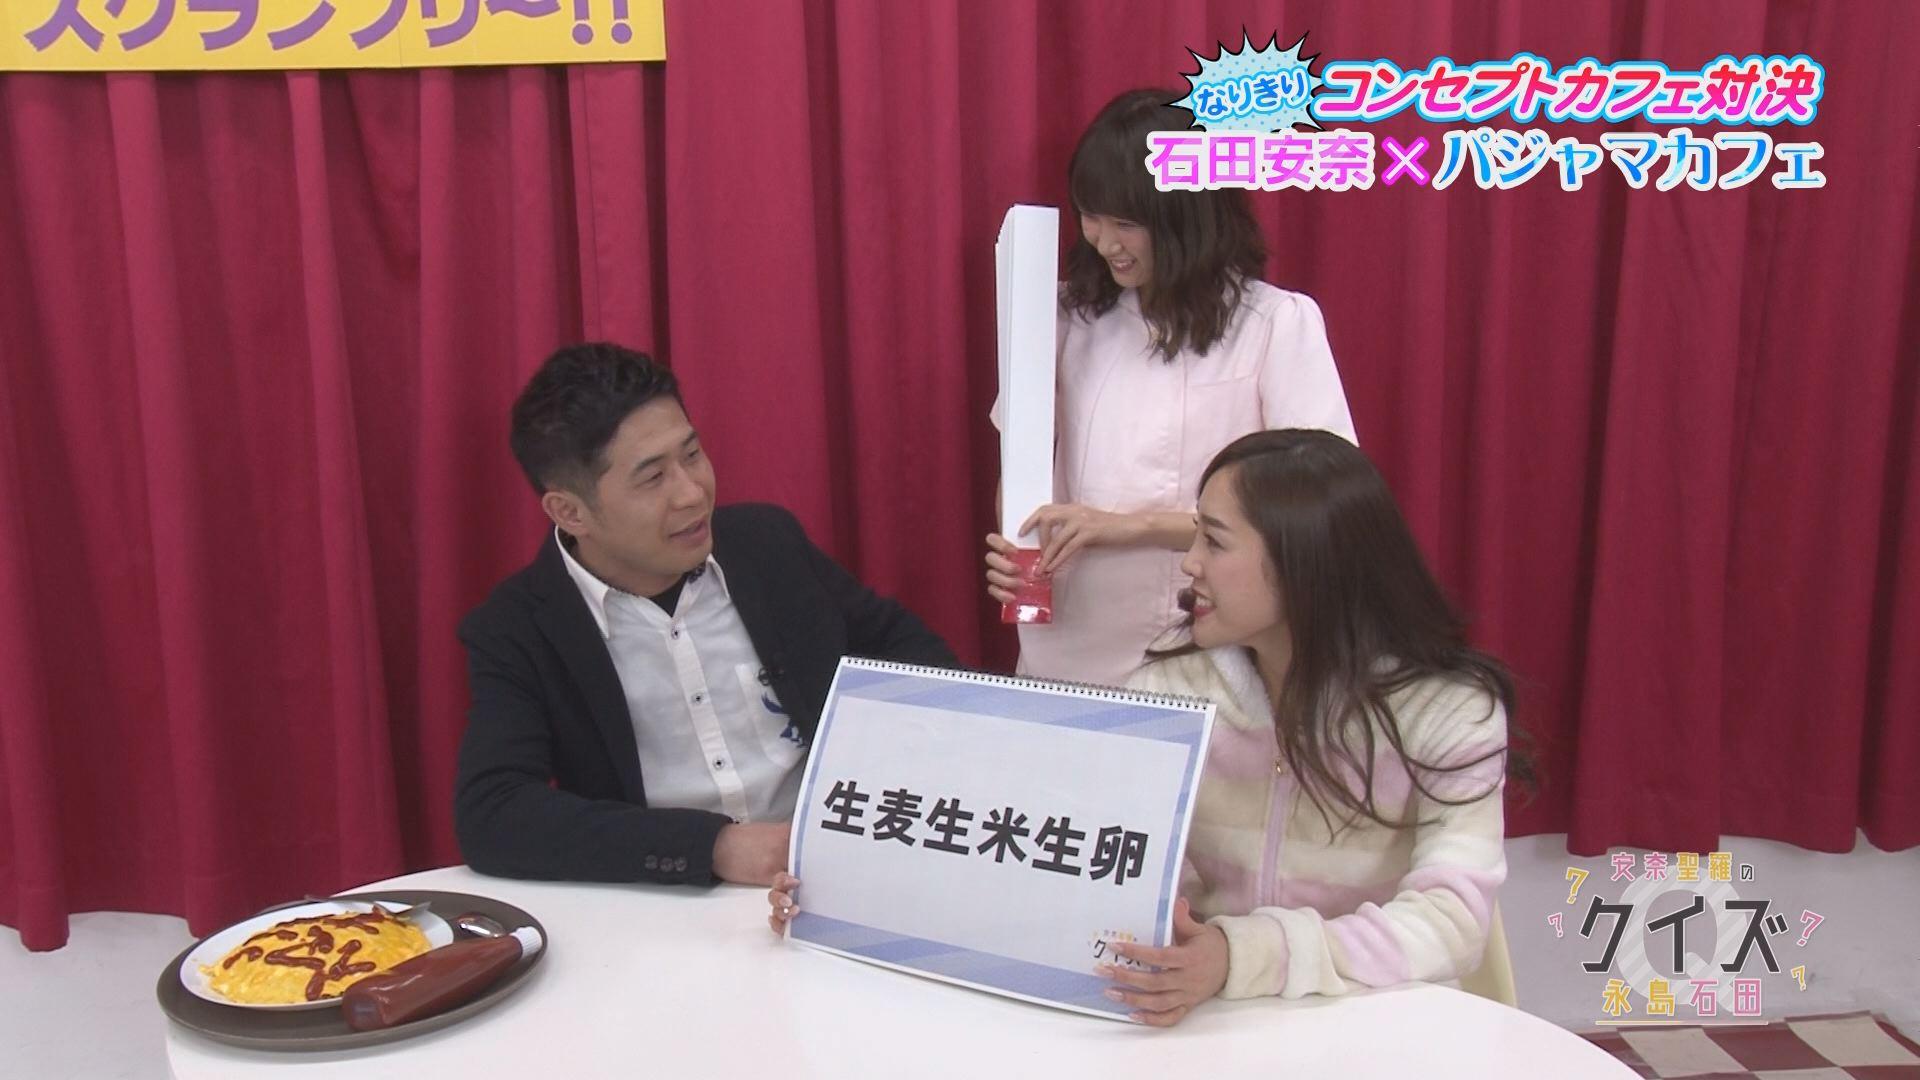 安奈聖羅のクイズ永島石田 #4